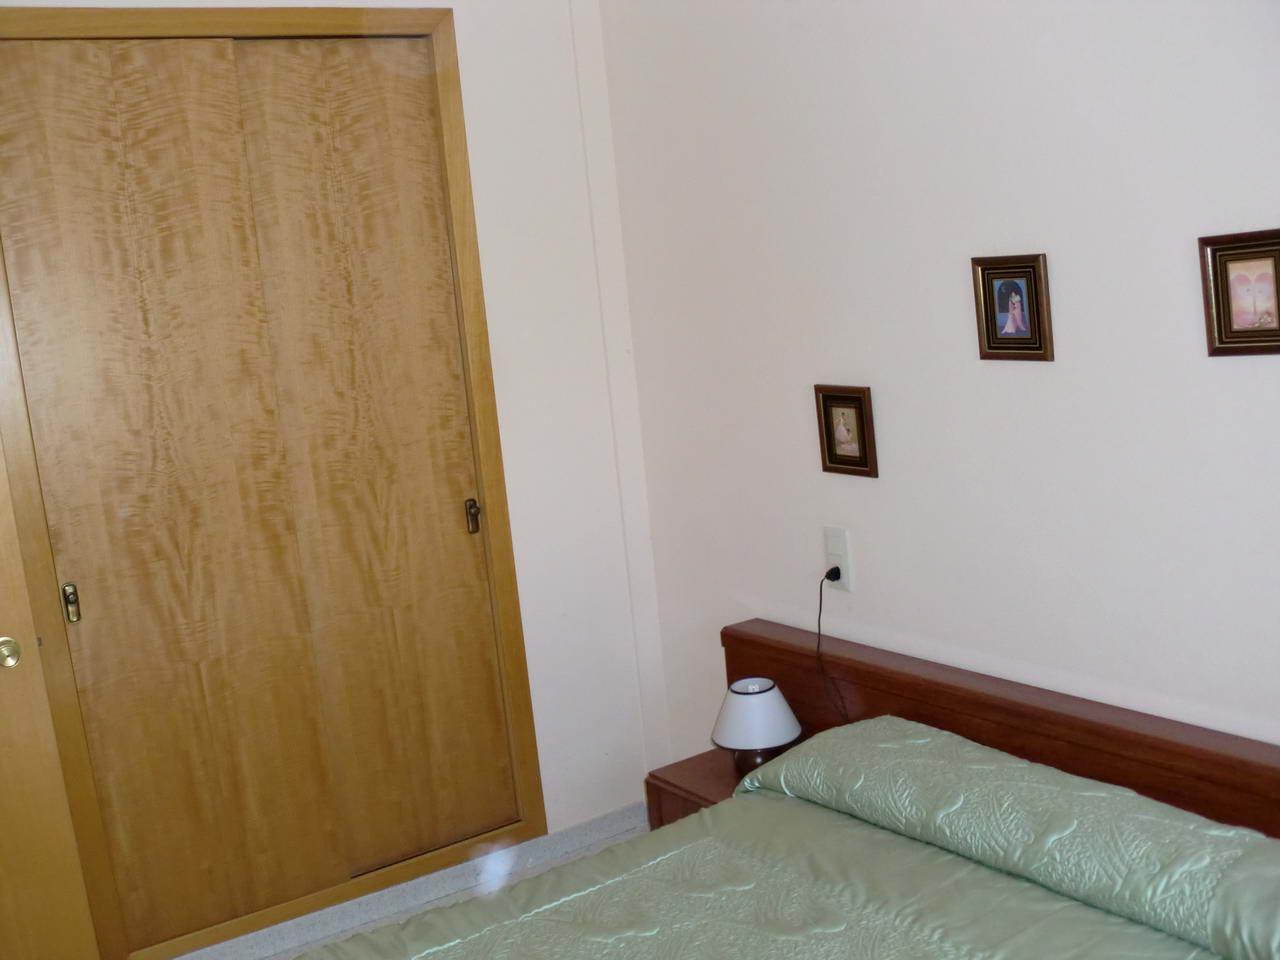 Nedvizhimost Ispanii, prodazha nedvizhimosti kvartira, Kosta-Dorada, Kambrils - N2903 - vikmar-realty.ru